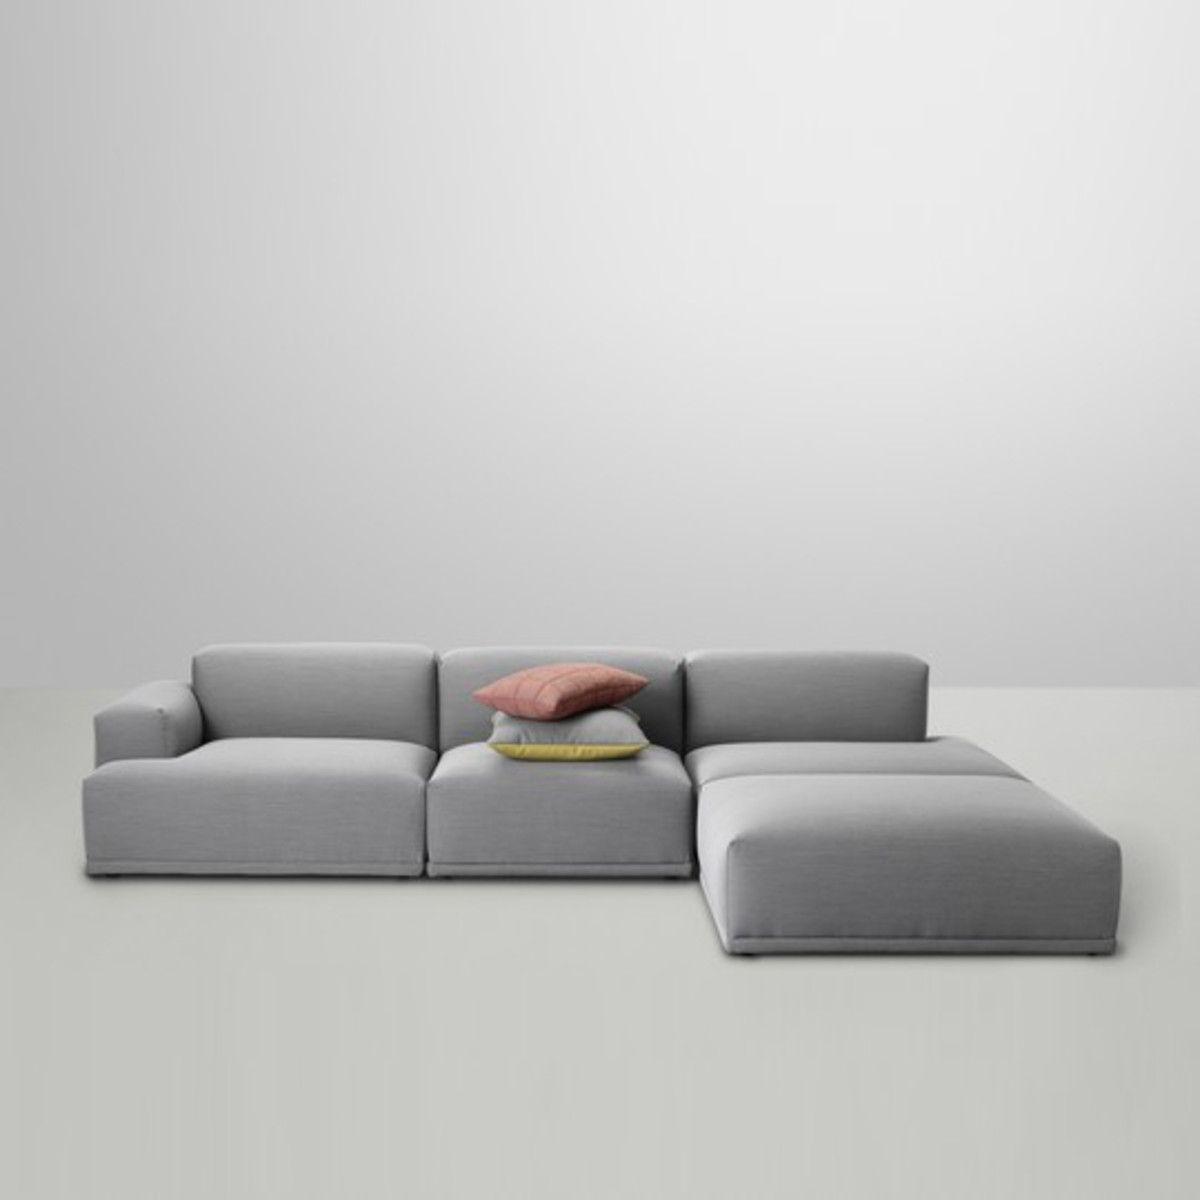 superb einfache dekoration und mobel das neue soft blocks sofa von muuto #2: Connect Sofa | Muuto | Shop